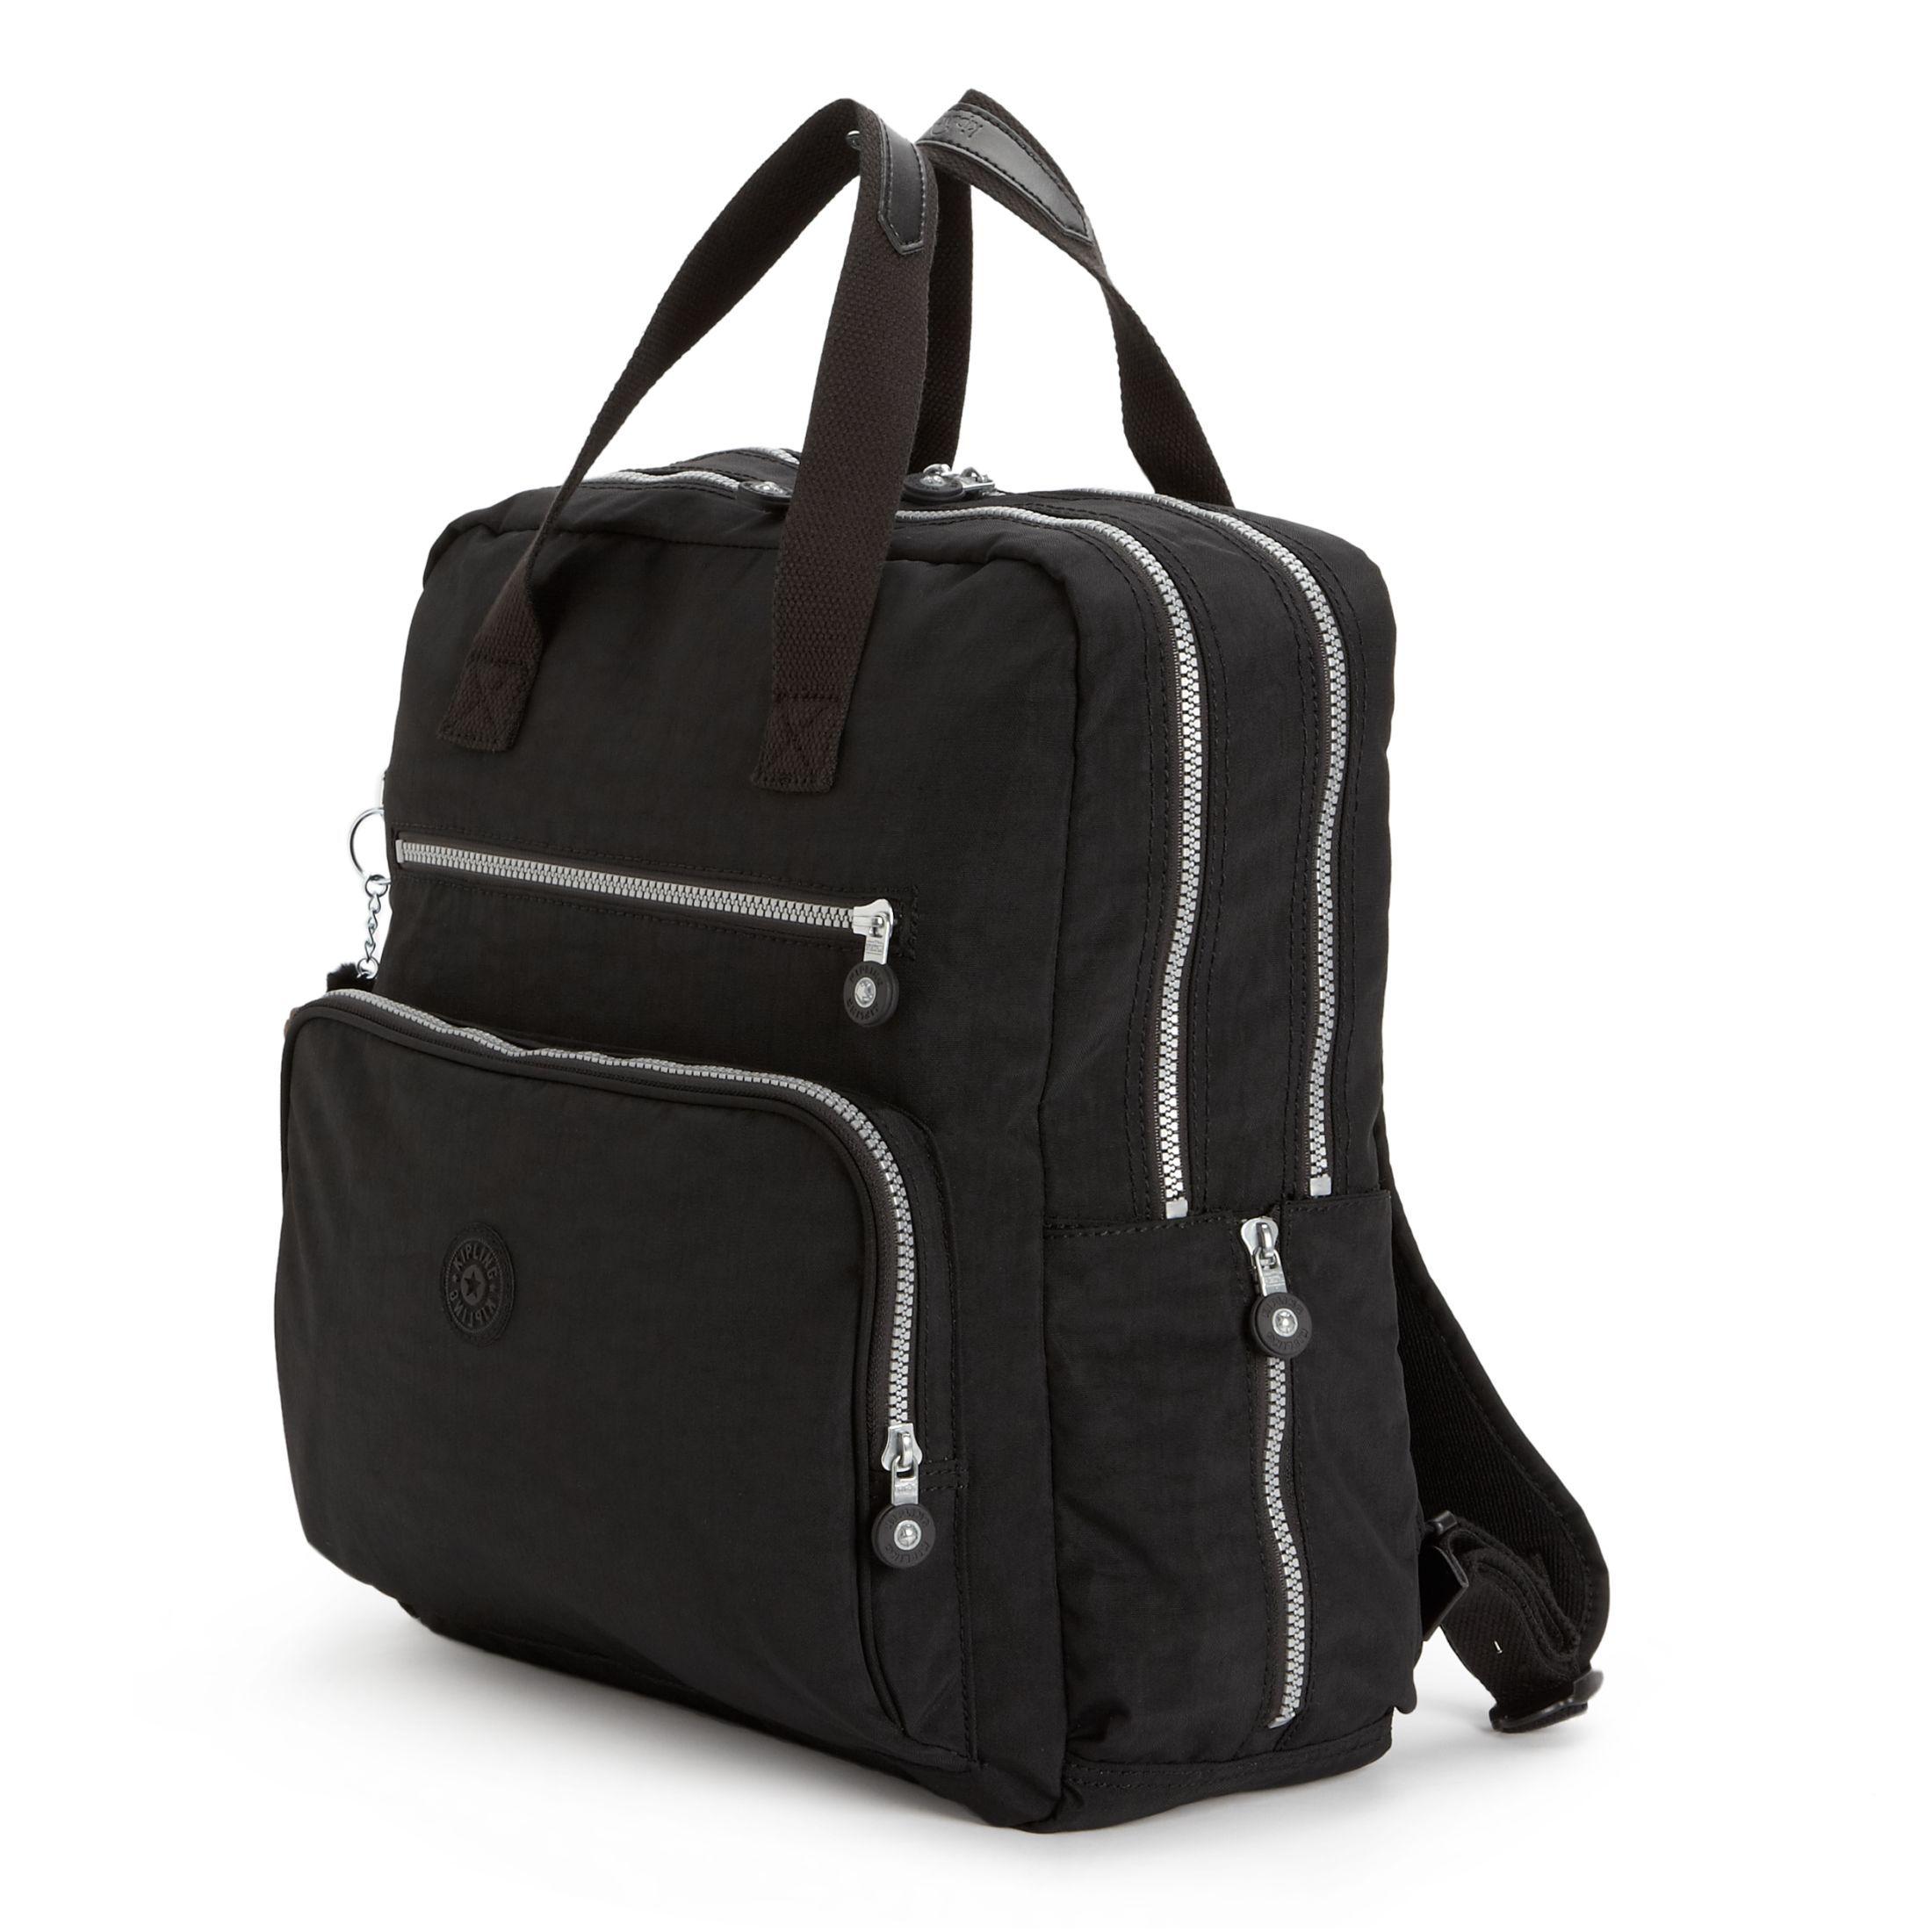 8741fcdee74c Audra Baby Backpack - Kipling  159